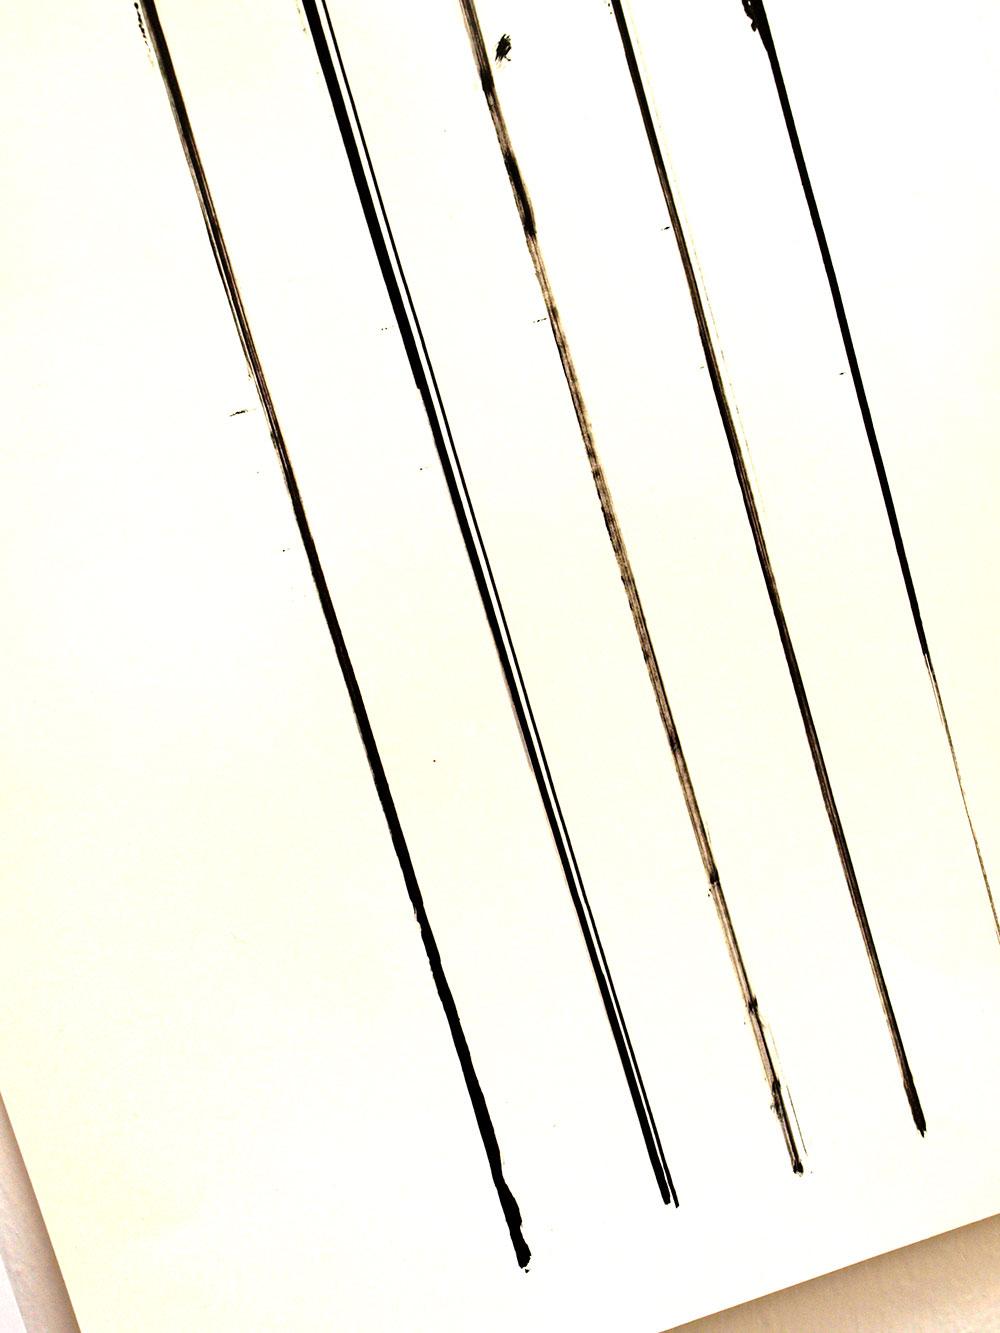 Line art, Ben Tallon, production design, film, ink mark, texture, illustration, indian ink, ink drawing, illustration, artist, design, art direction